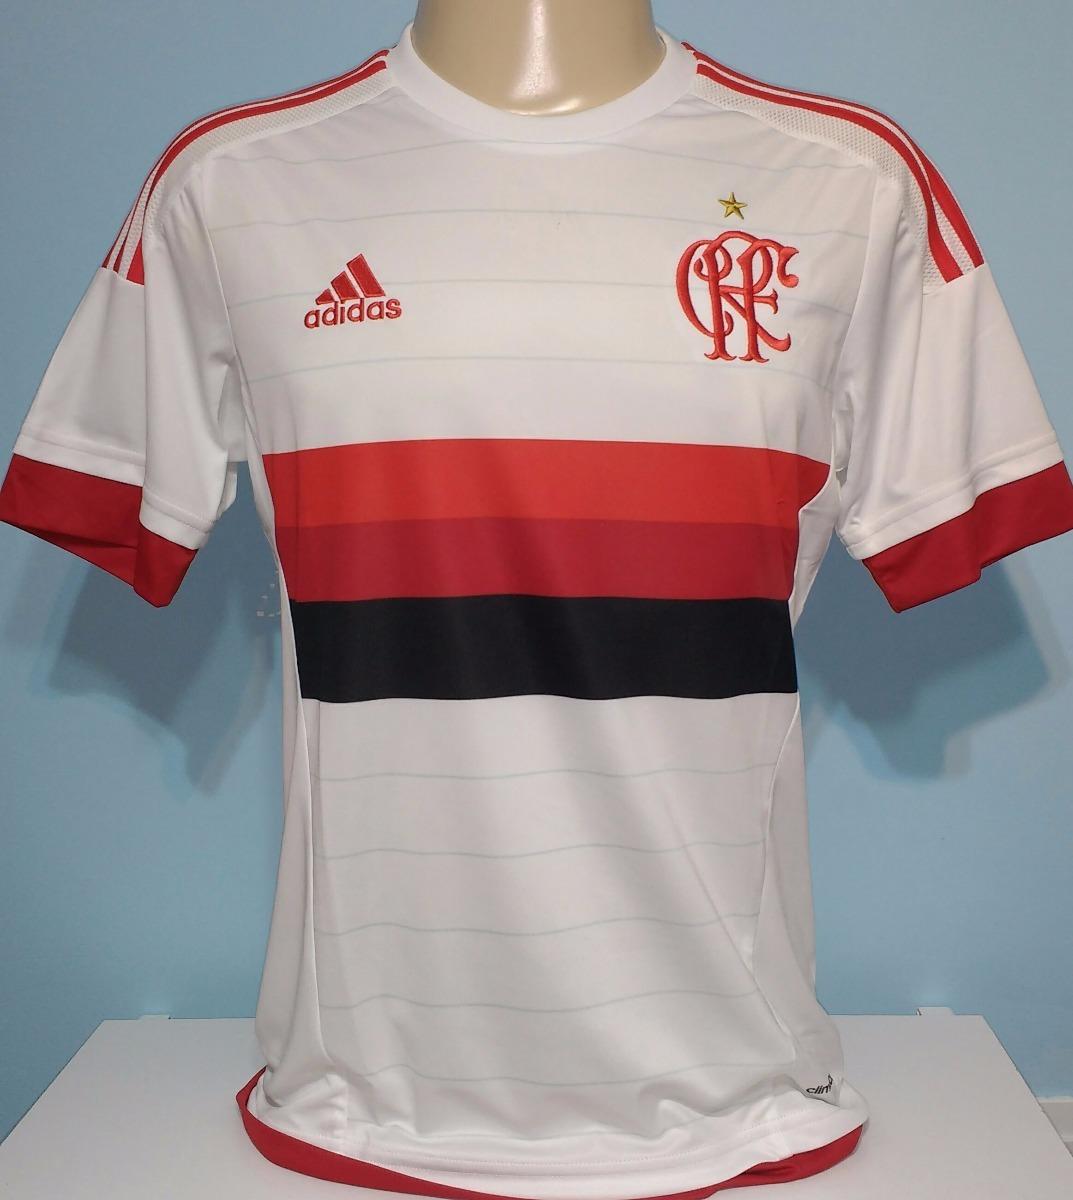 camiseta do flamengo 2015 branca original adidas - 20. Carregando zoom. 79fdec2838135